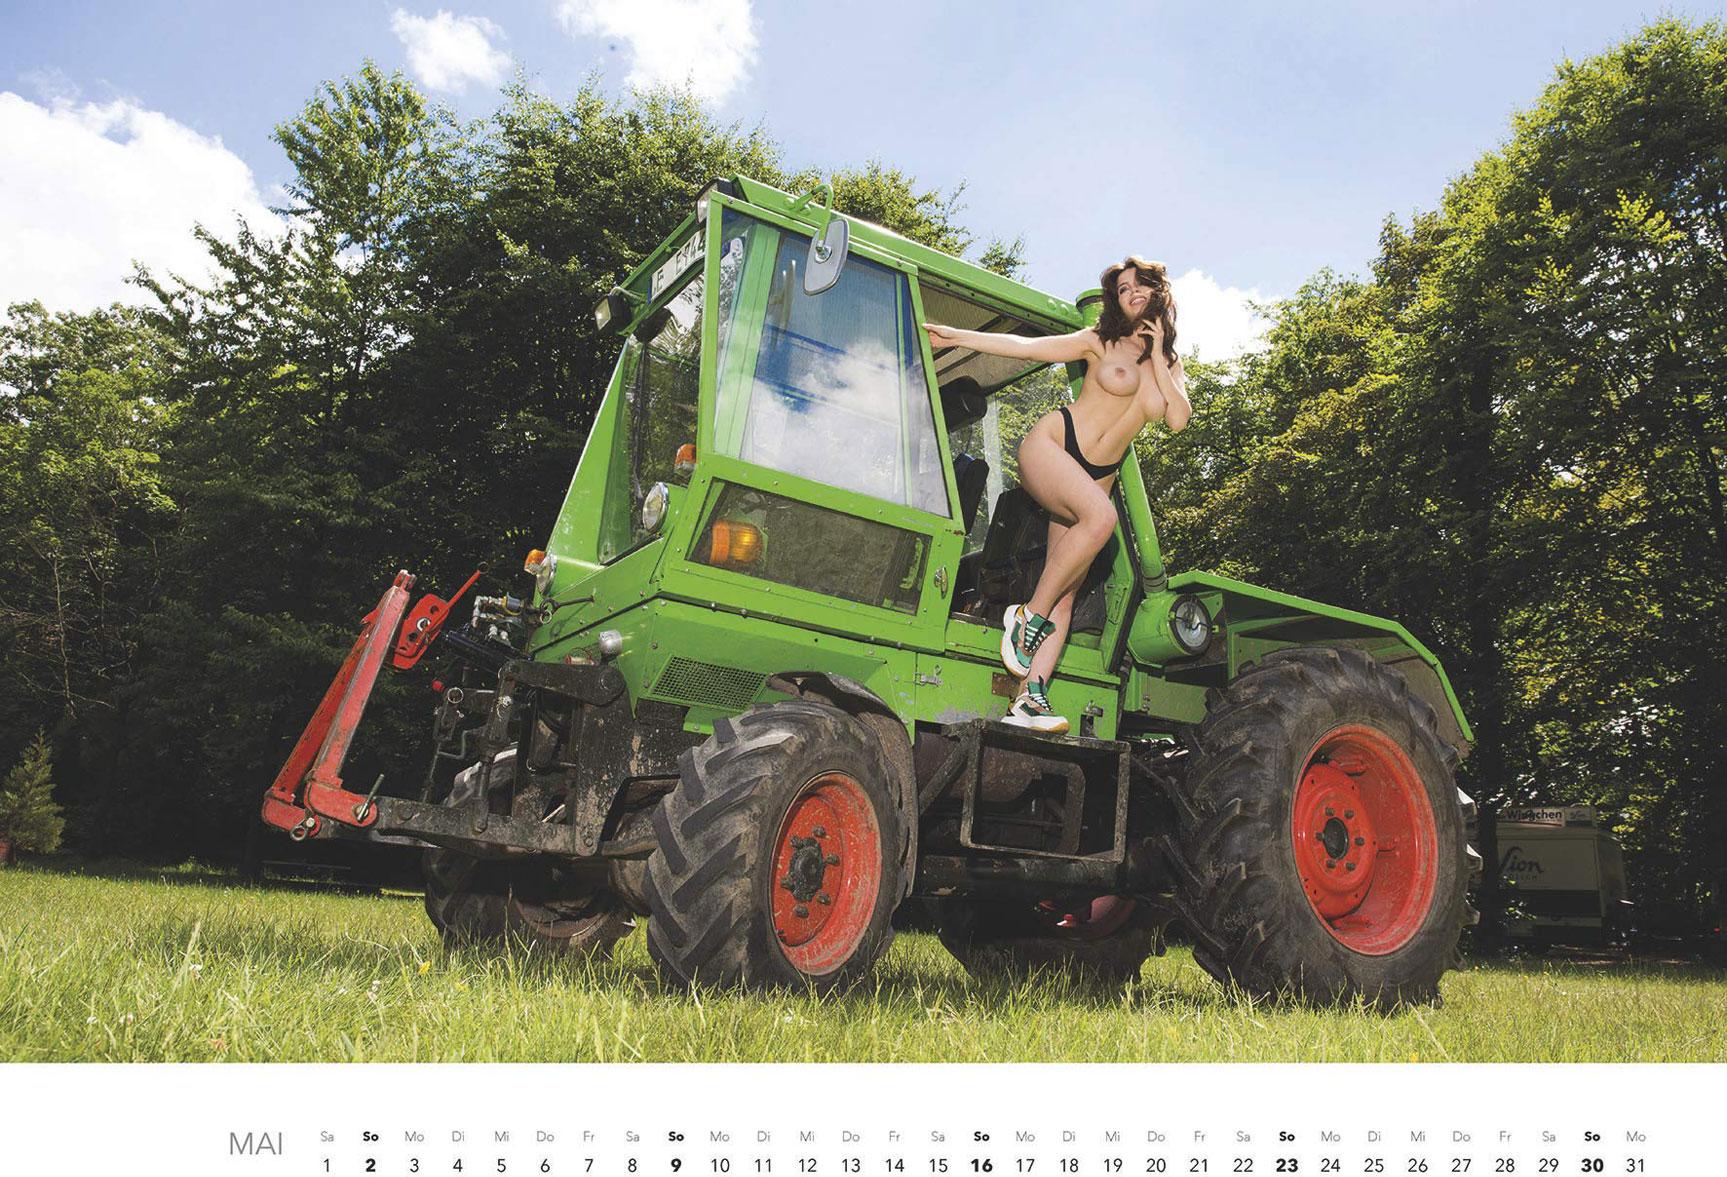 Эротический календарь -Мечты молодых фермеров 2021- / май